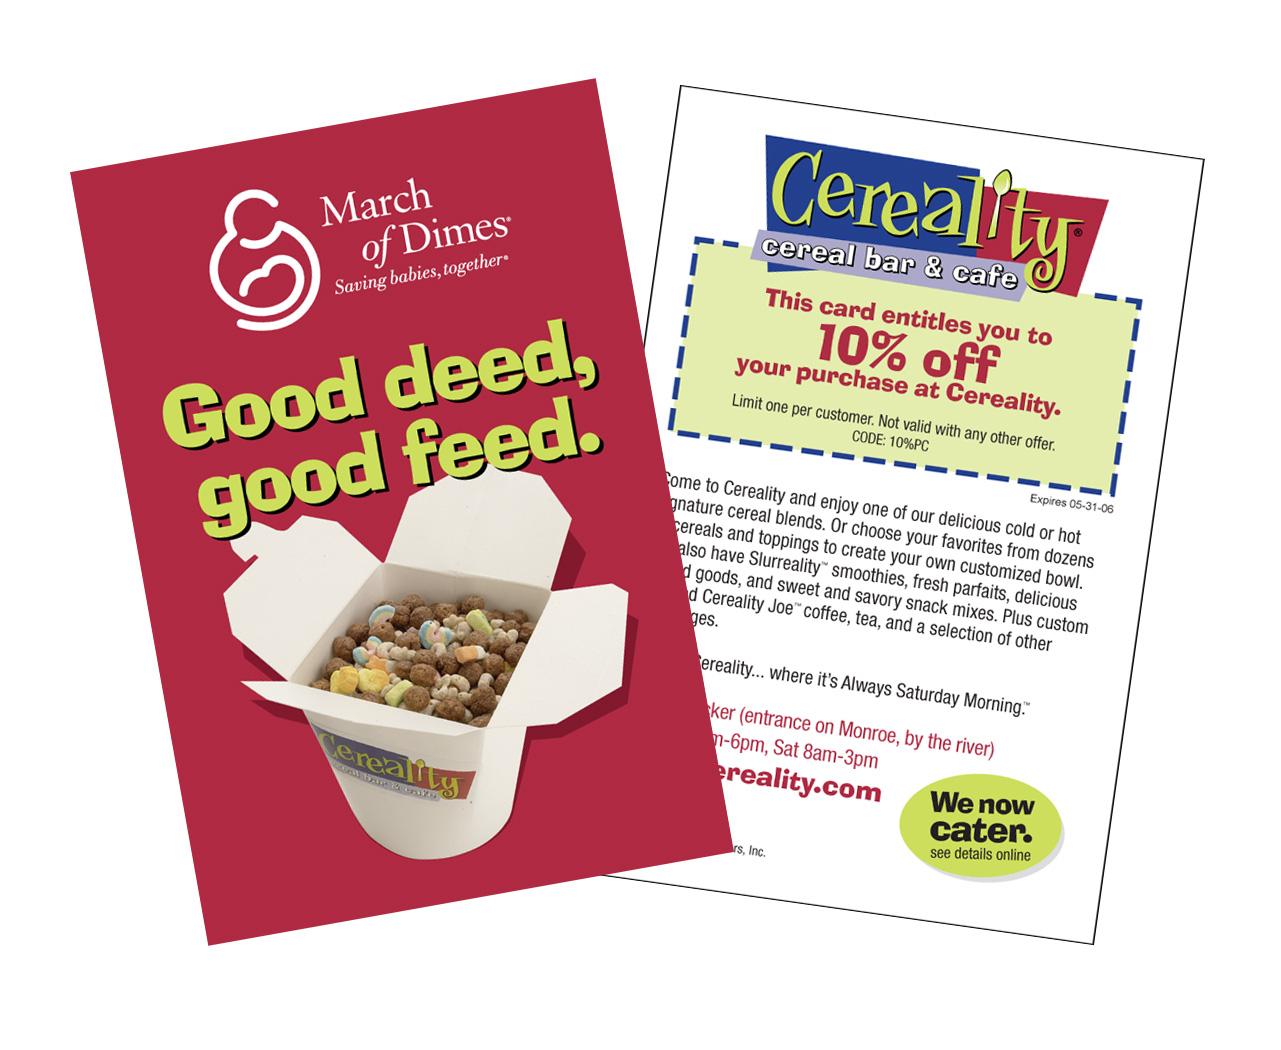 CerealityGoodDeed.jpg